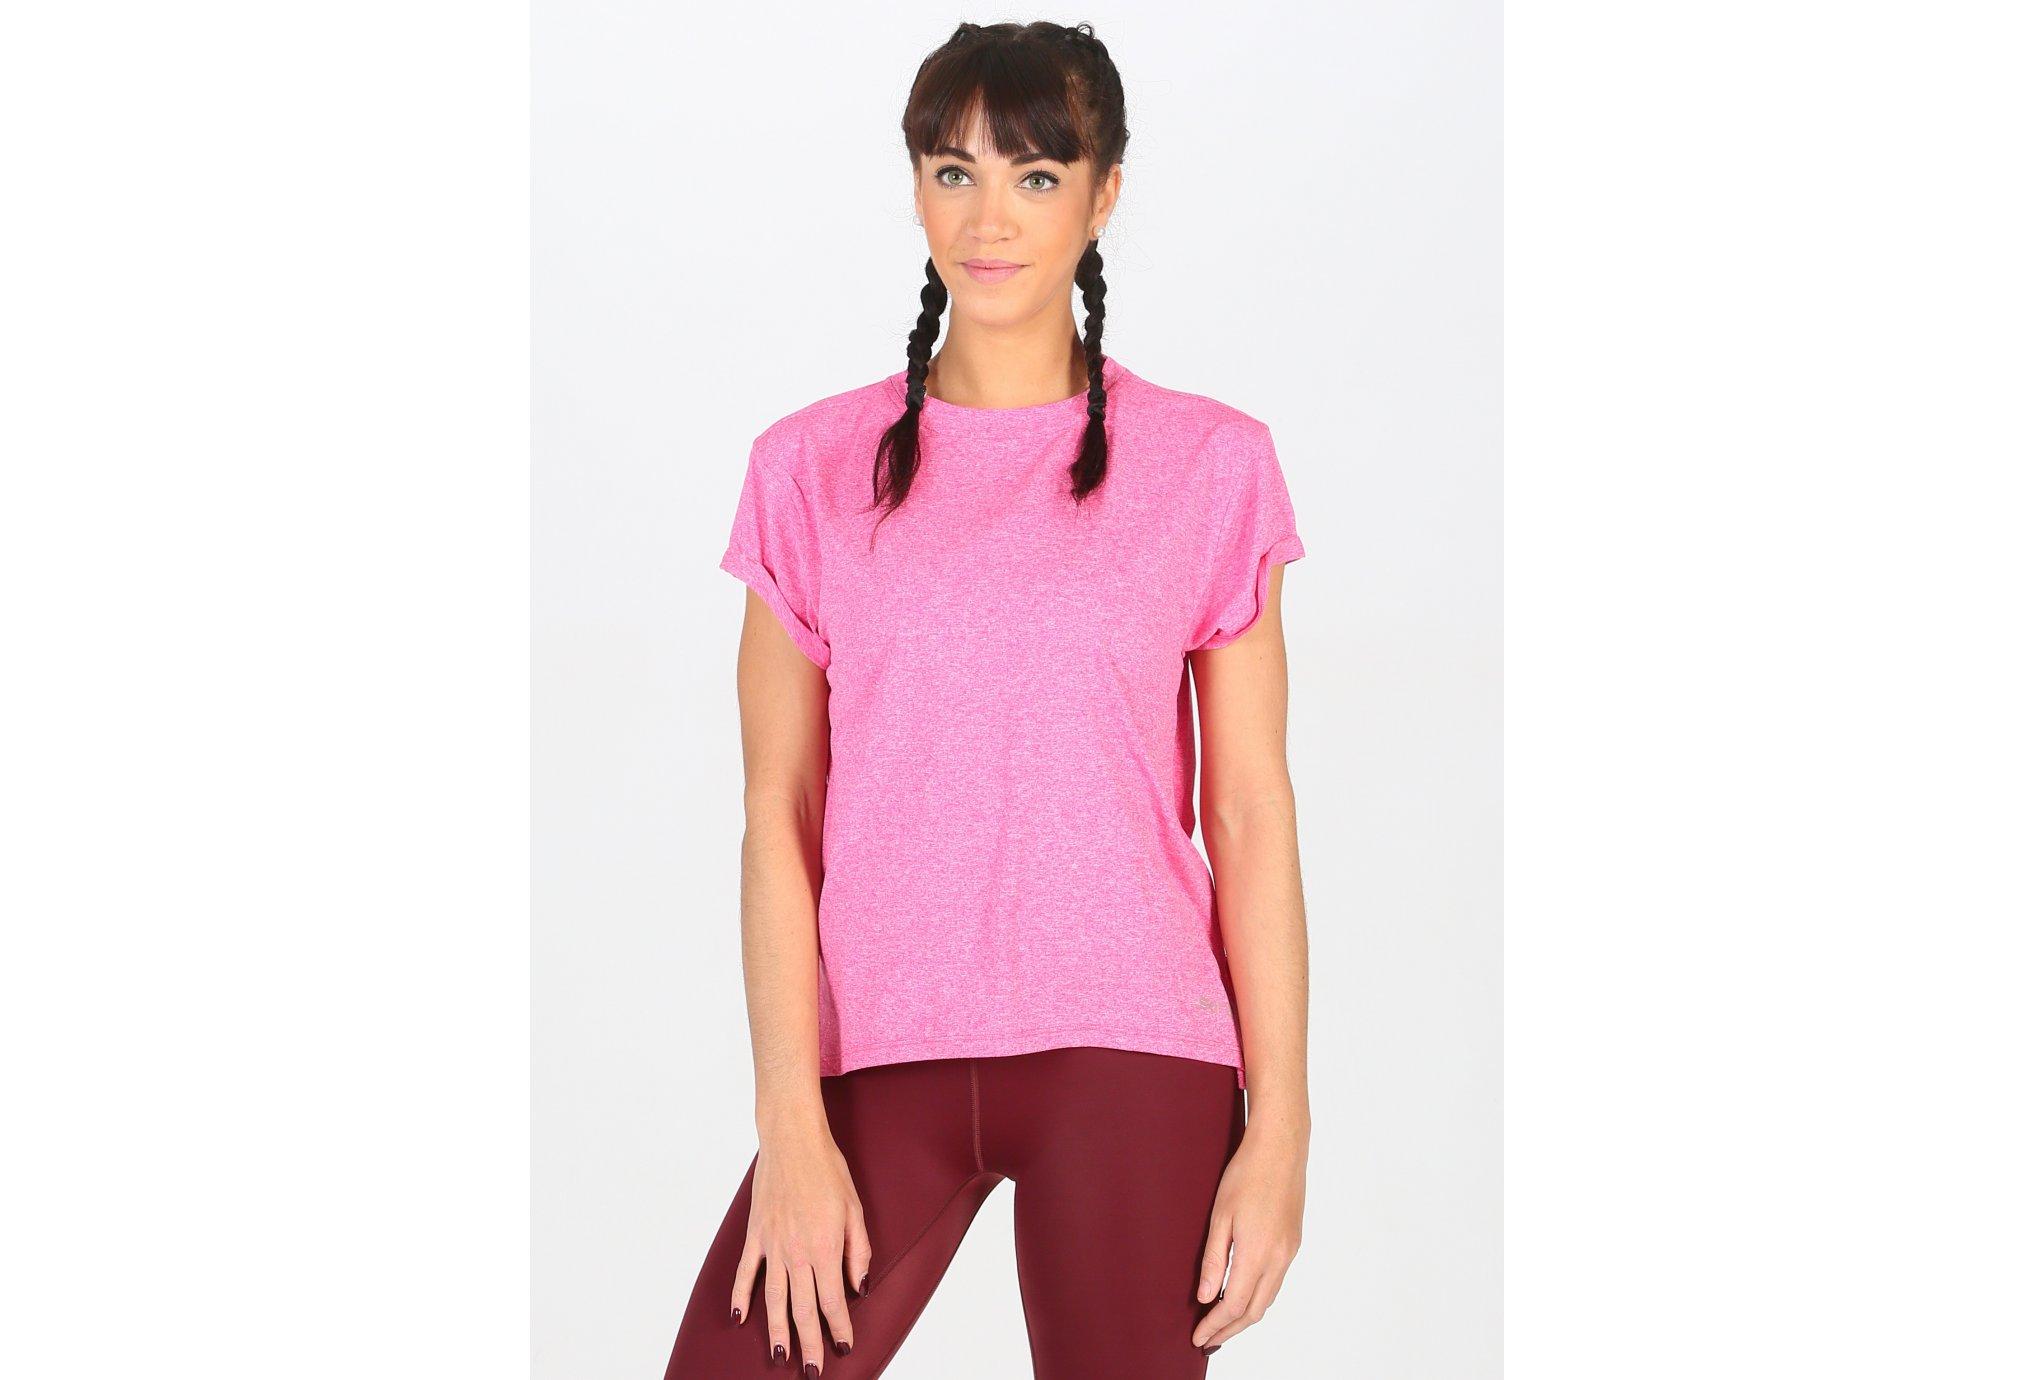 Skins Activewear Siken W Diététique Vêtements femme